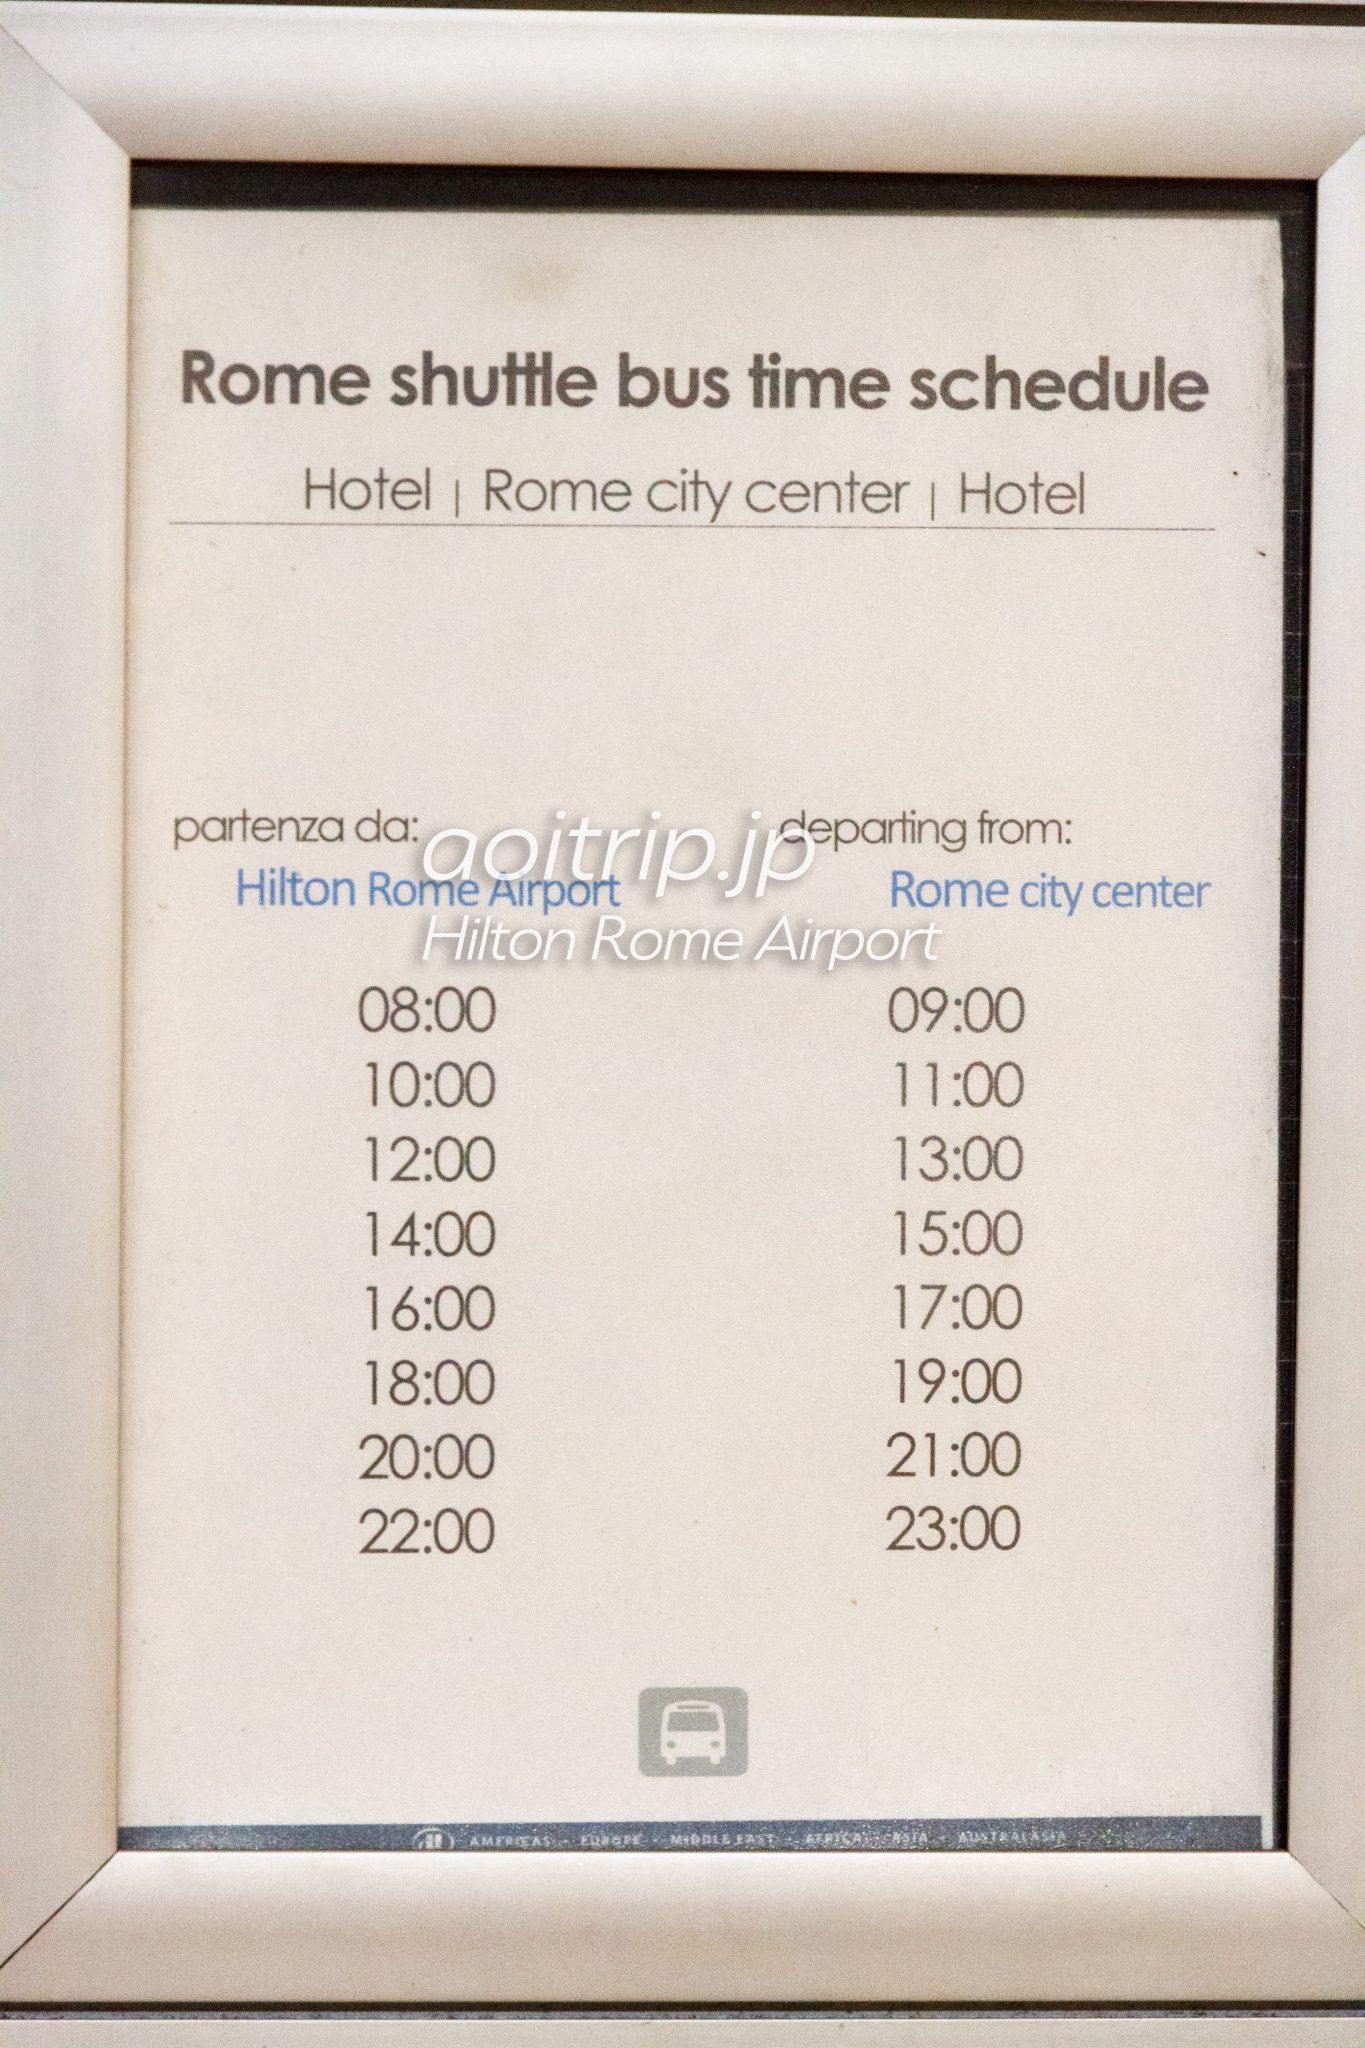 ヒルトンローマエアポートのシャトルバス時刻表